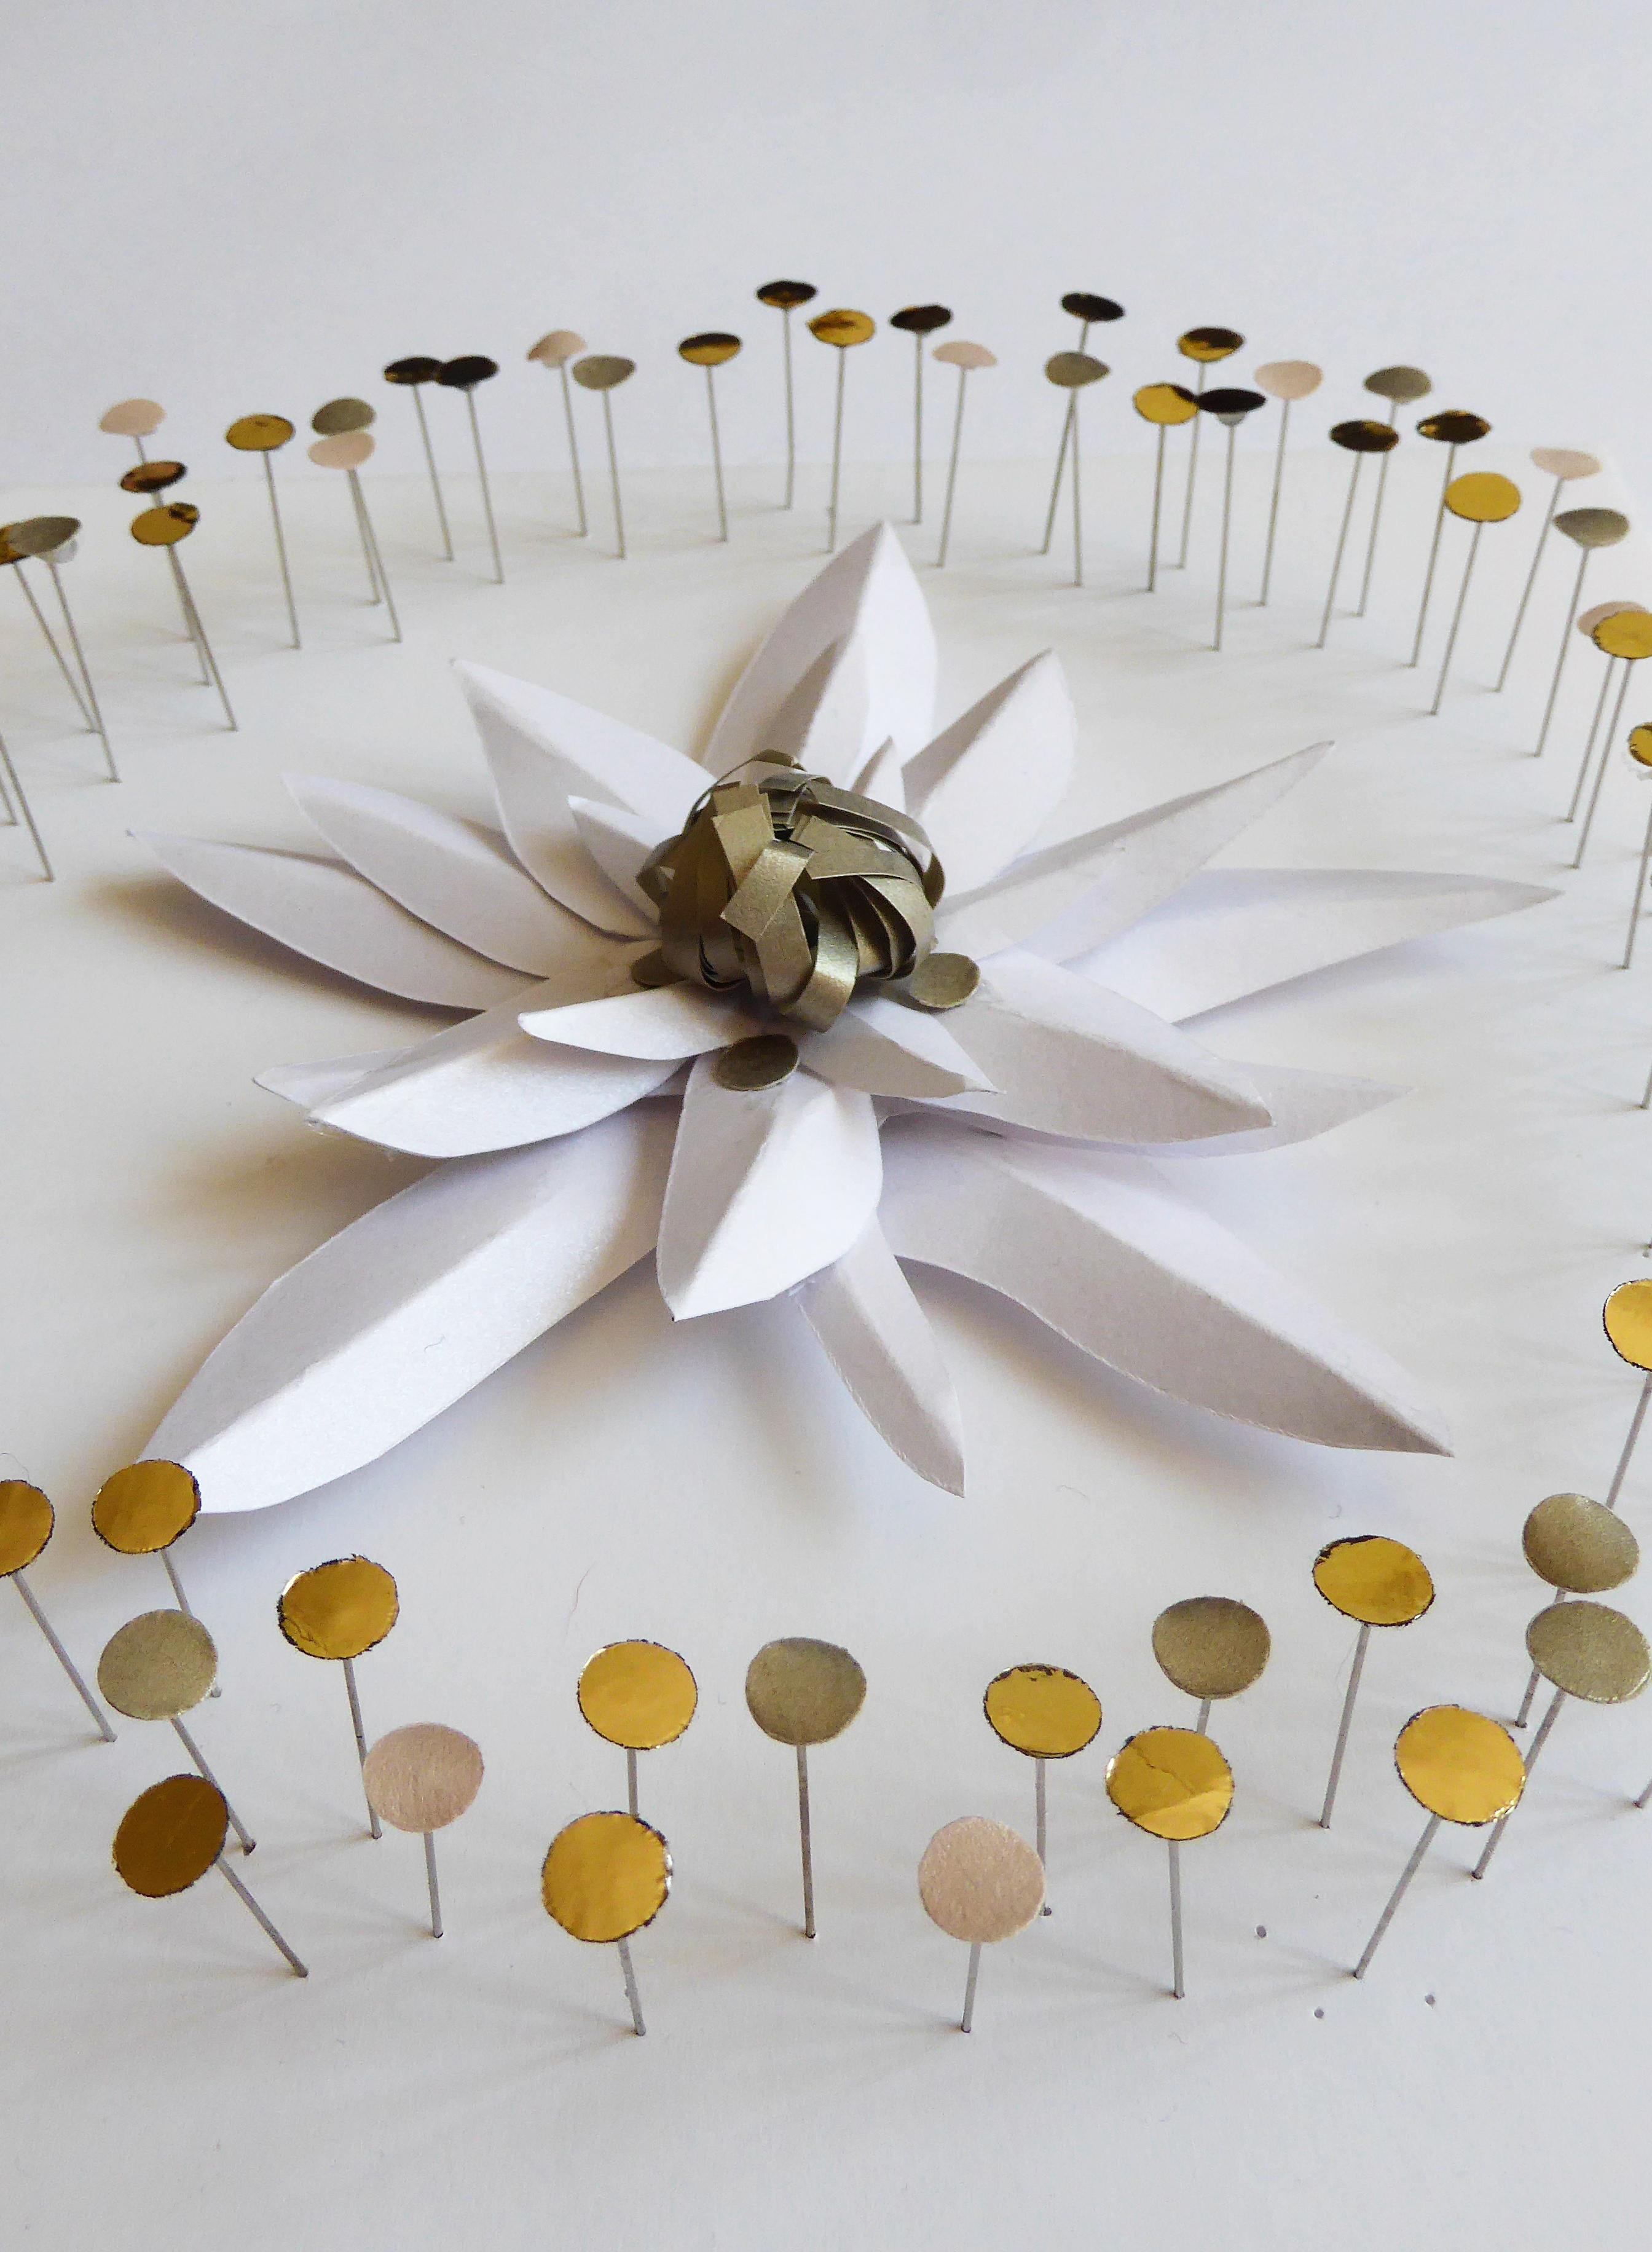 Sculpture papier, edelweiss flower paper art, bulle pétillante, technique origami et volume 3D, étude pour Helena Rubinstein, Laure Devenelle